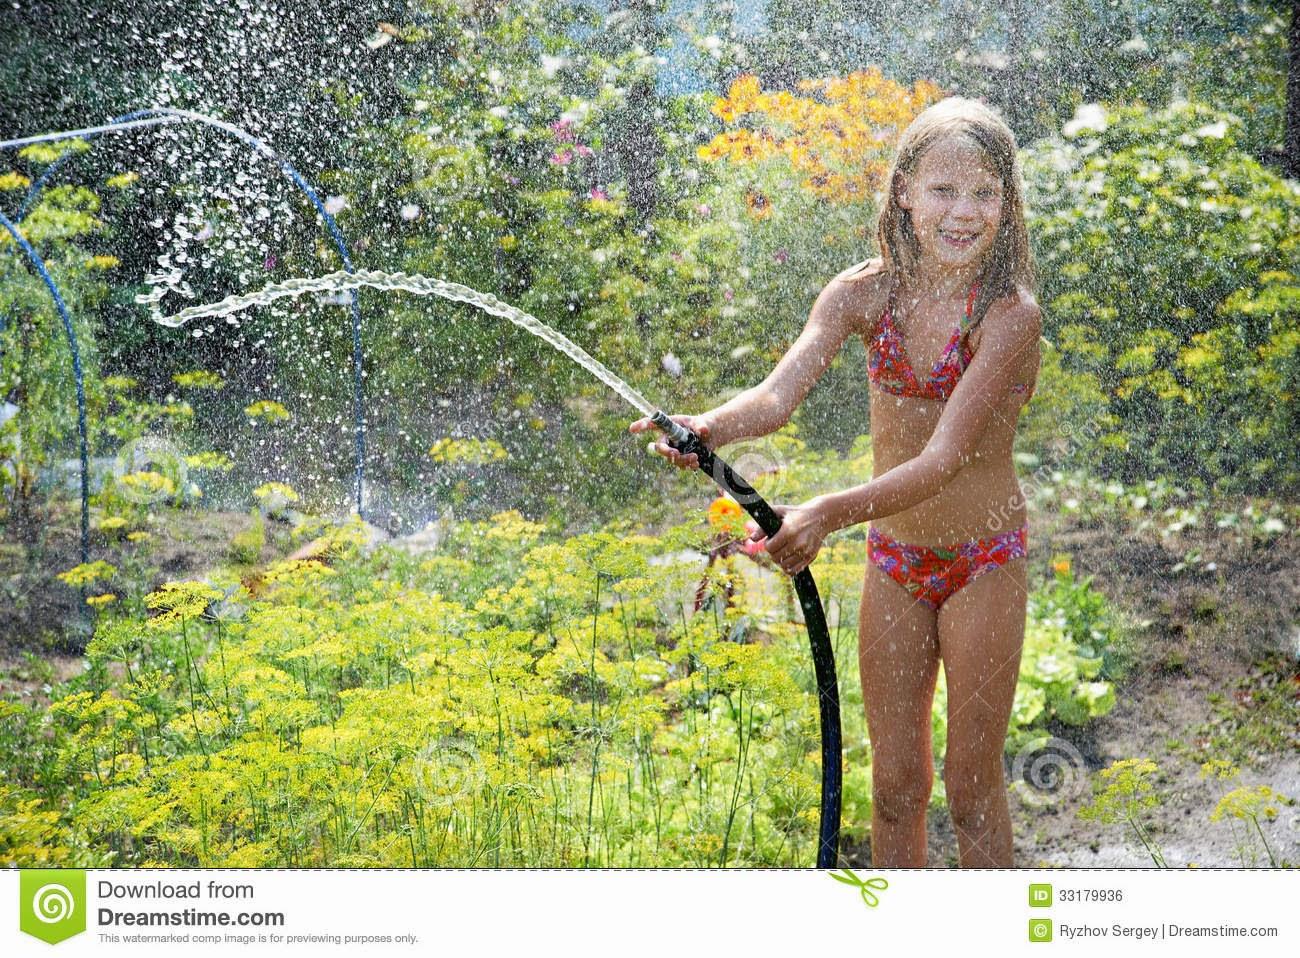 Крошка вставила подружке в попку шланг с водой что бы та пустила струю